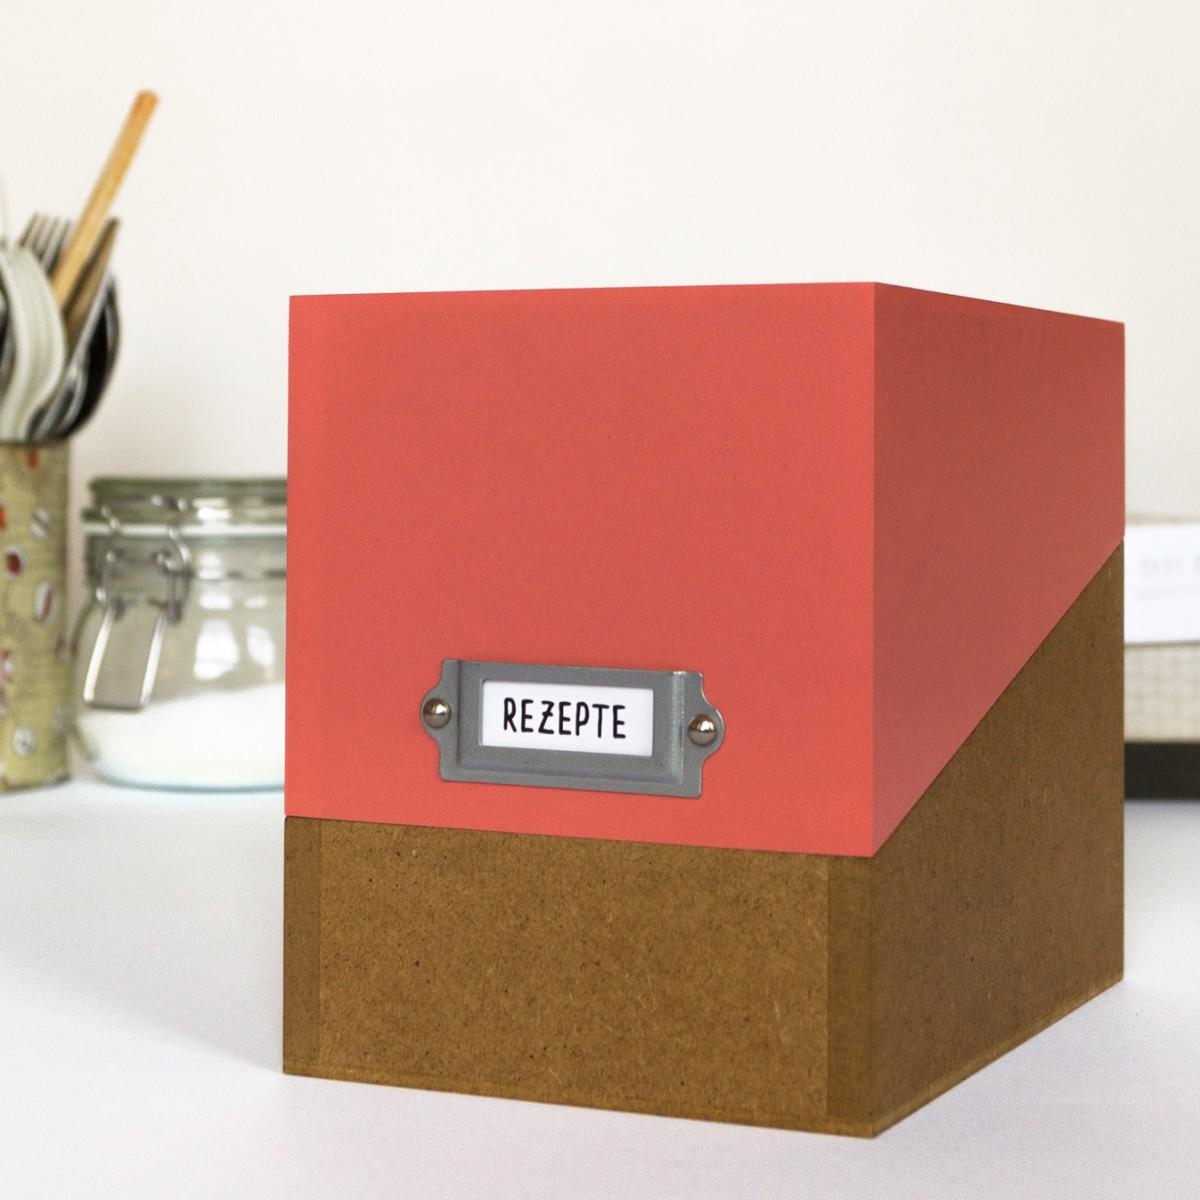 sperlingB – Rezeptbox, koralle, Karteikartenbox mit Metallschild  für Rezepte